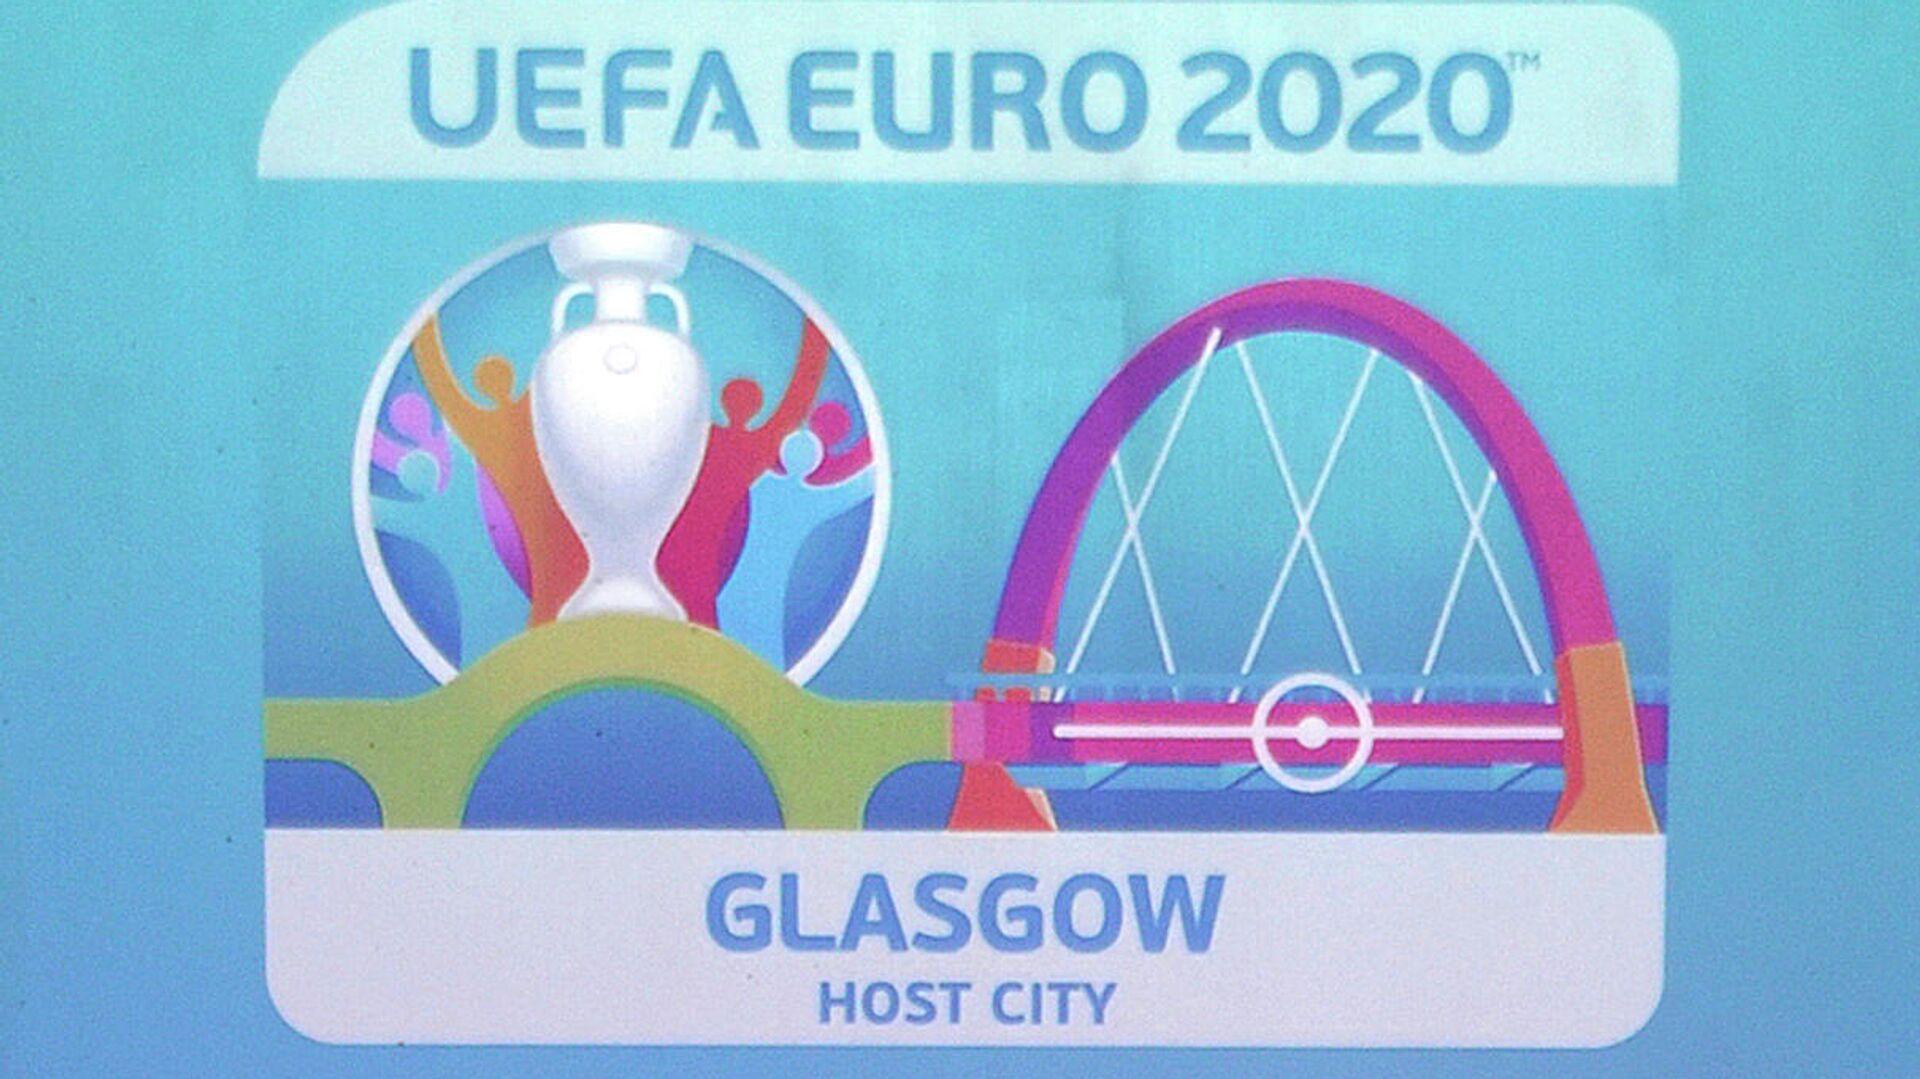 Логотип одной из столиц ЕВРО-2020 Глазго - РИА Новости, 1920, 07.04.2021